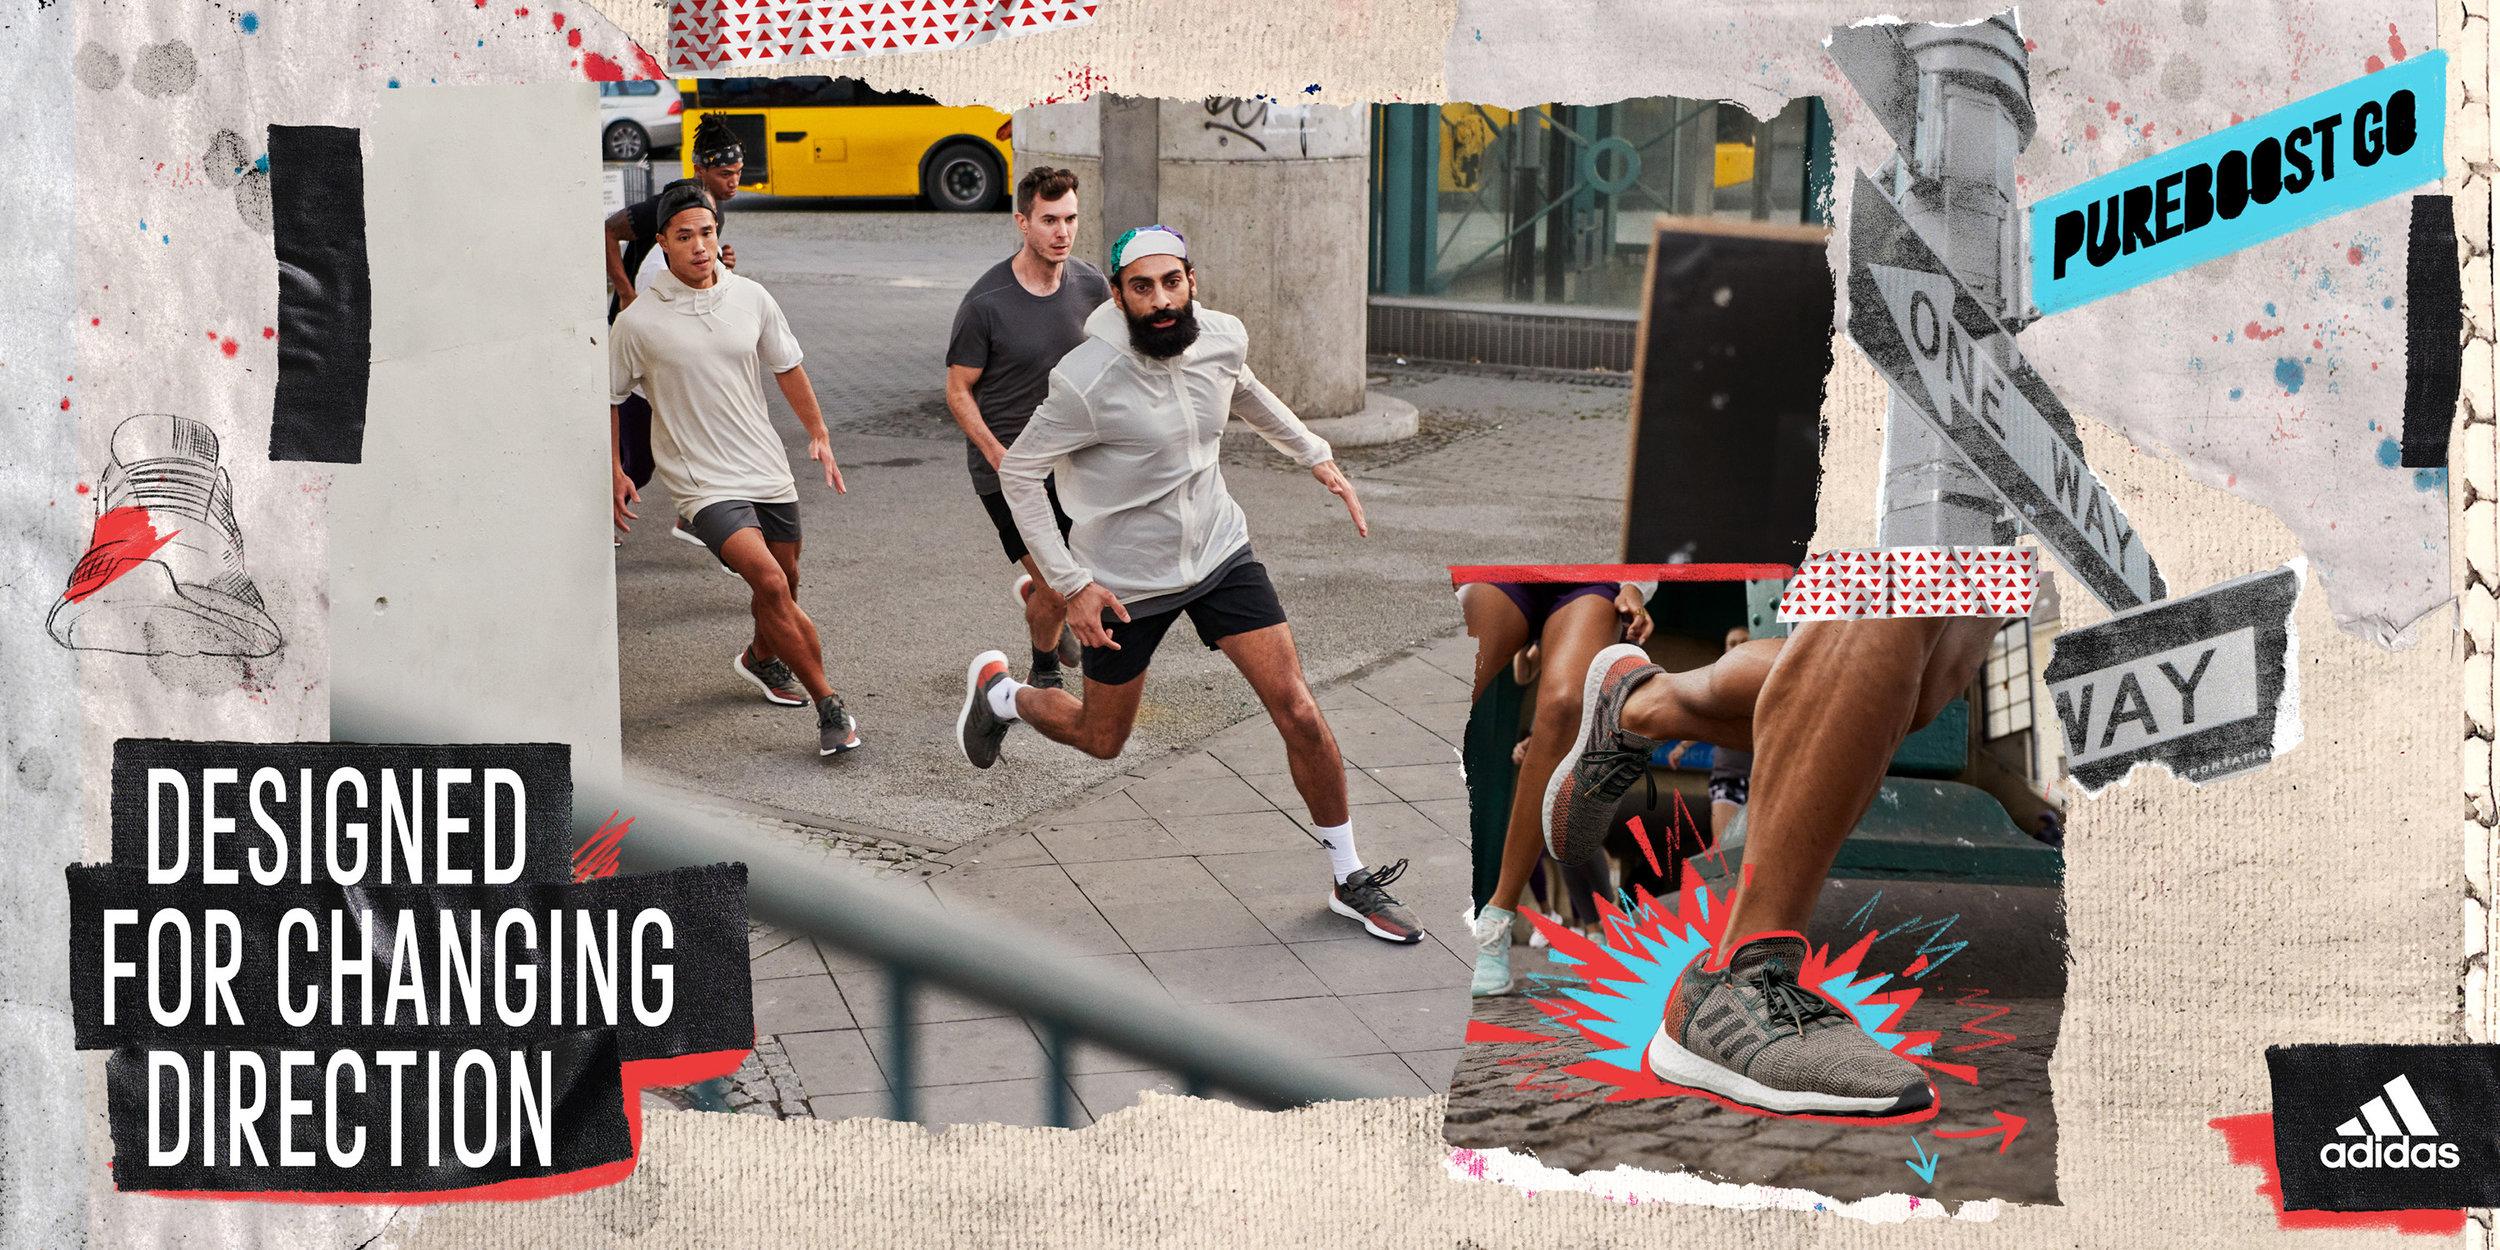 Adidas PowerBoost Go